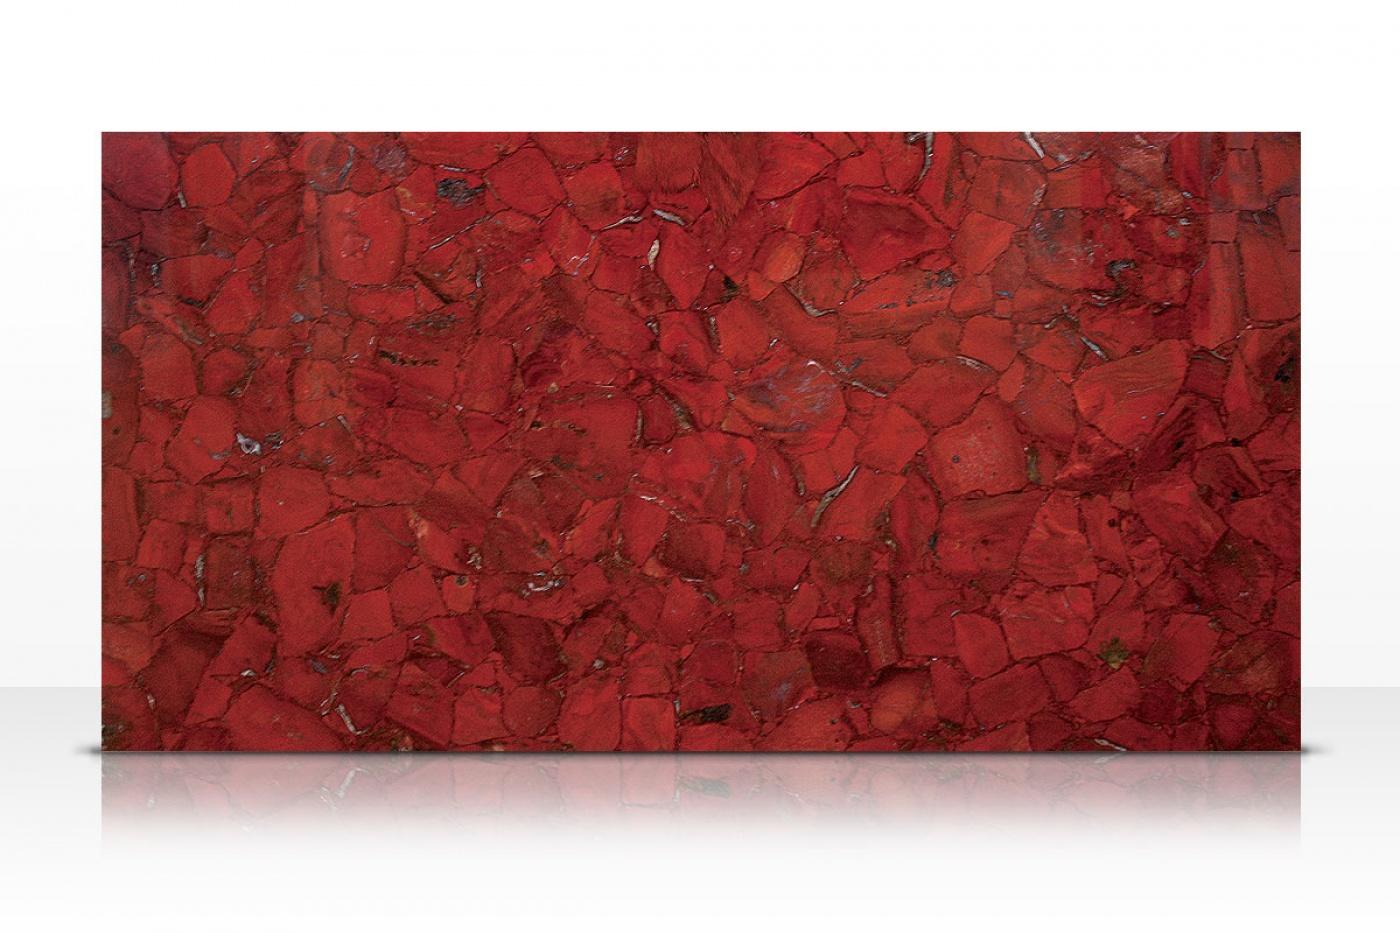 Composite Quartz Red Jasper slab